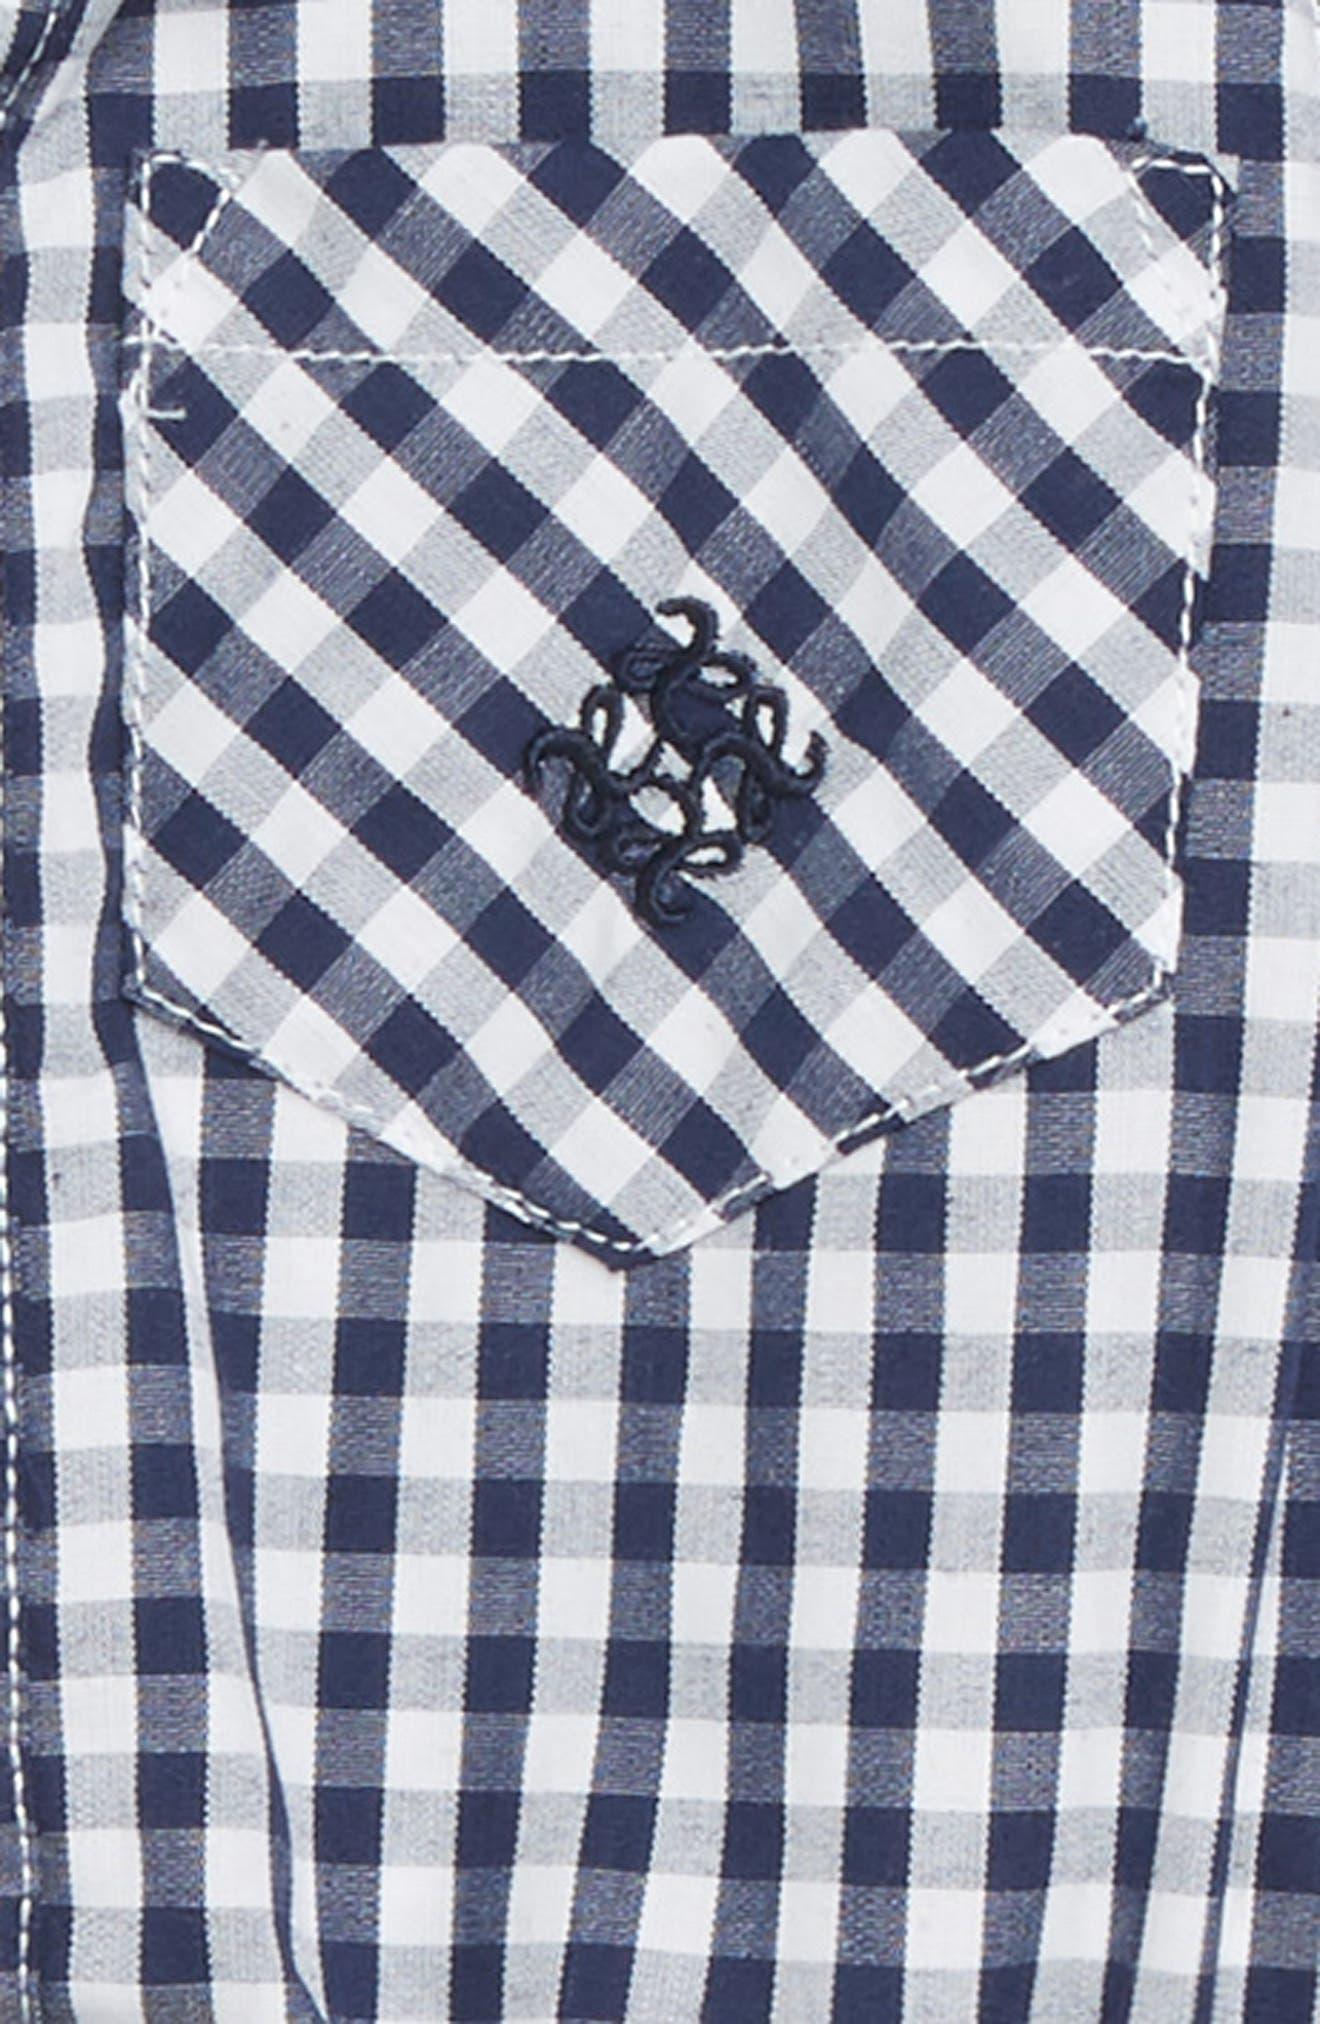 Shirtzie Gingham Check Bodysuit & Pants Set,                             Alternate thumbnail 2, color,